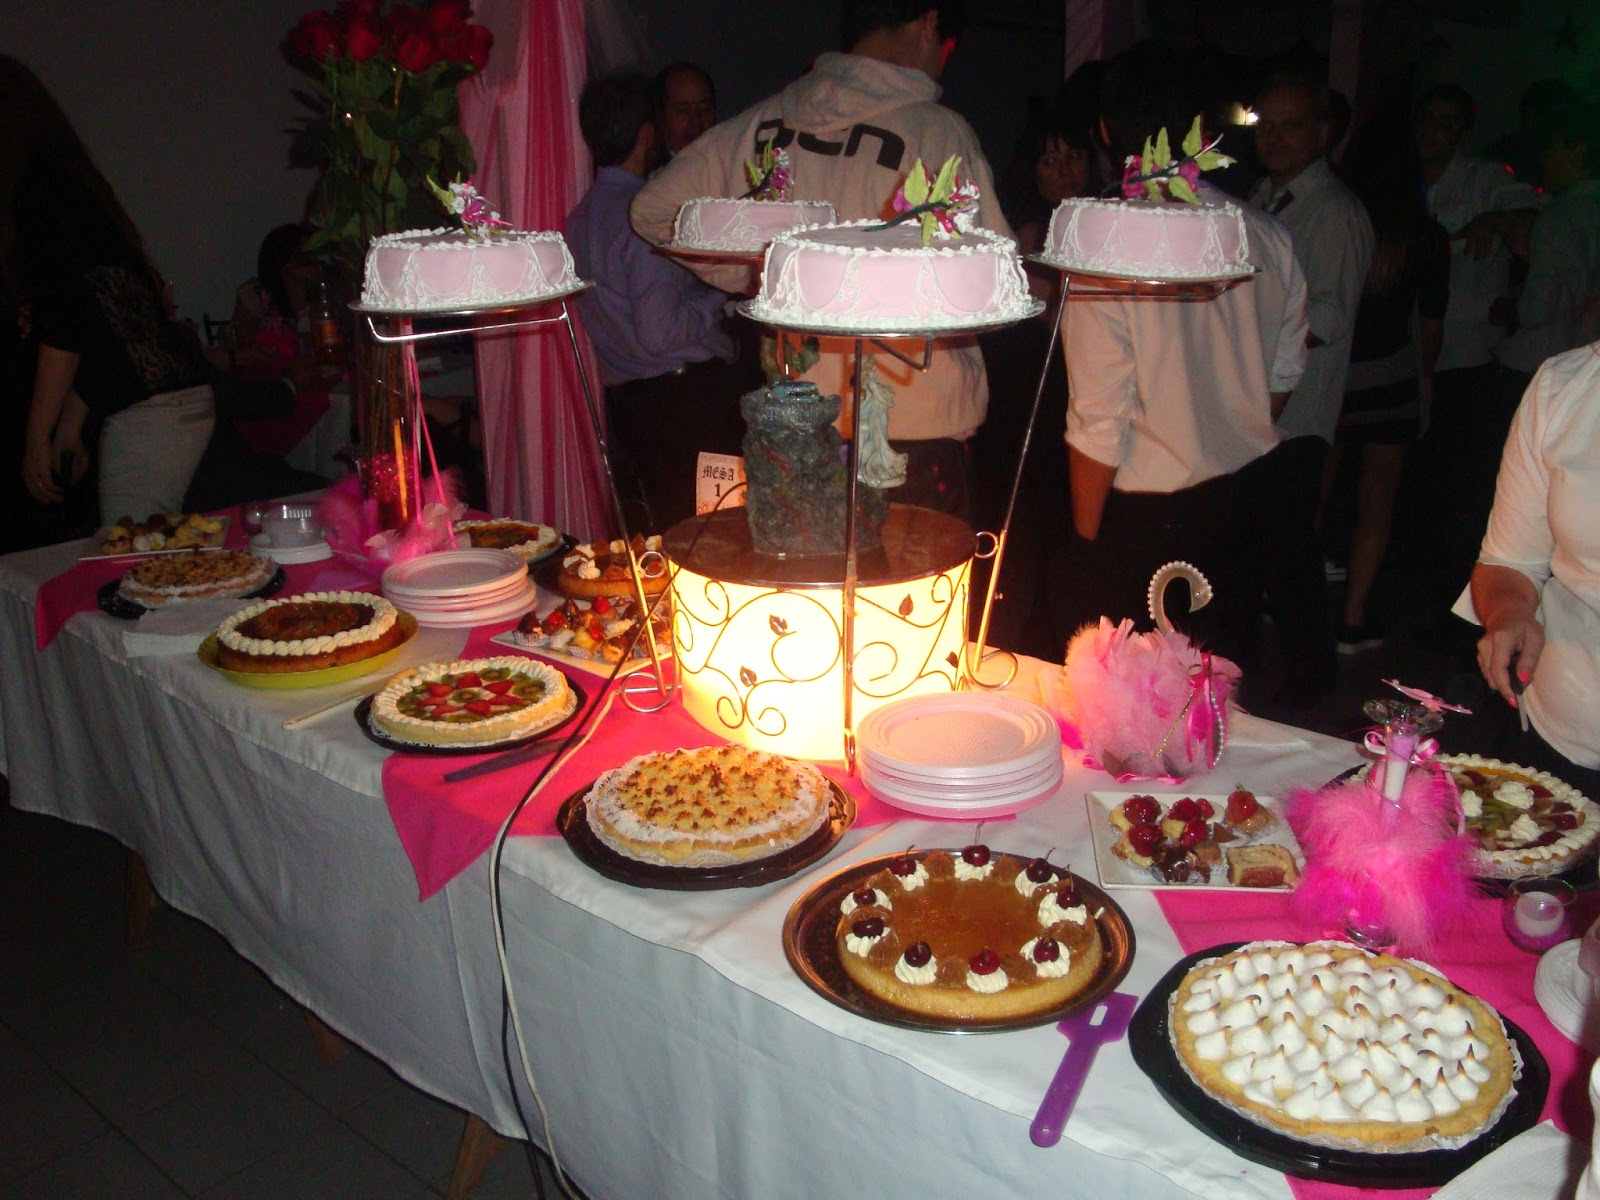 Comida casera y mesa dulce para cumplea os y eventos for Mesa de dulces para 15